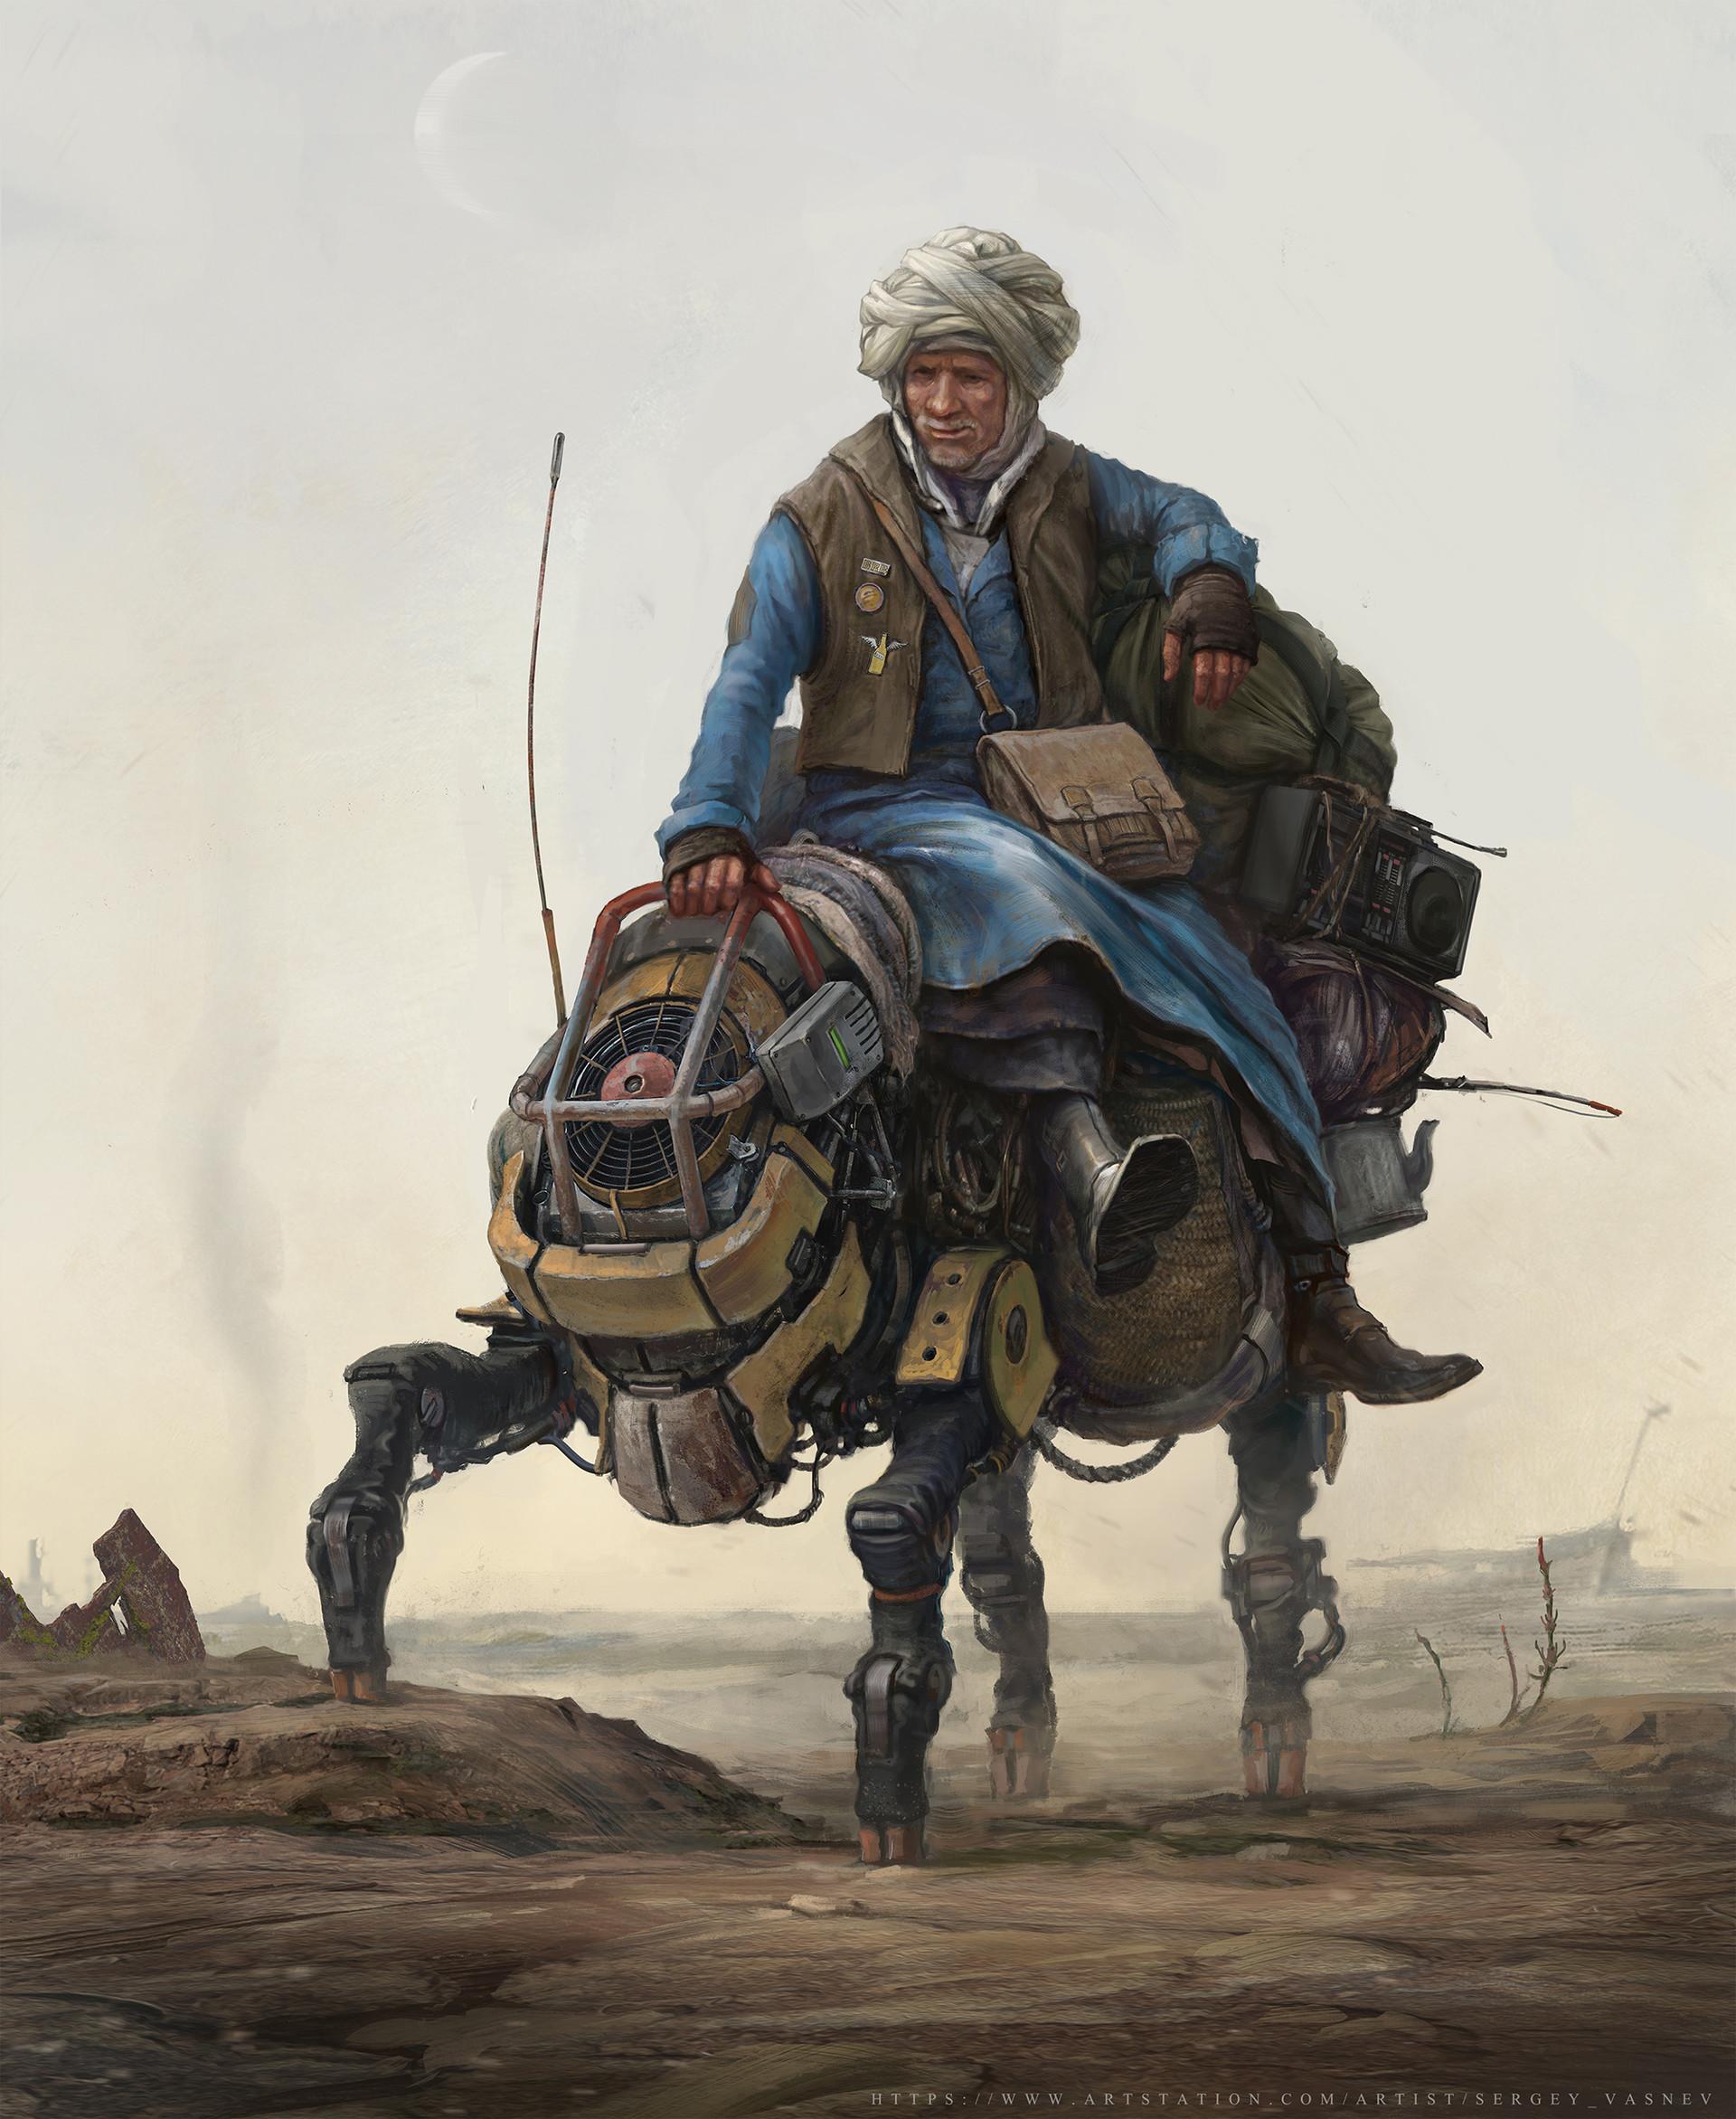 Sergey vasnev old wanderer